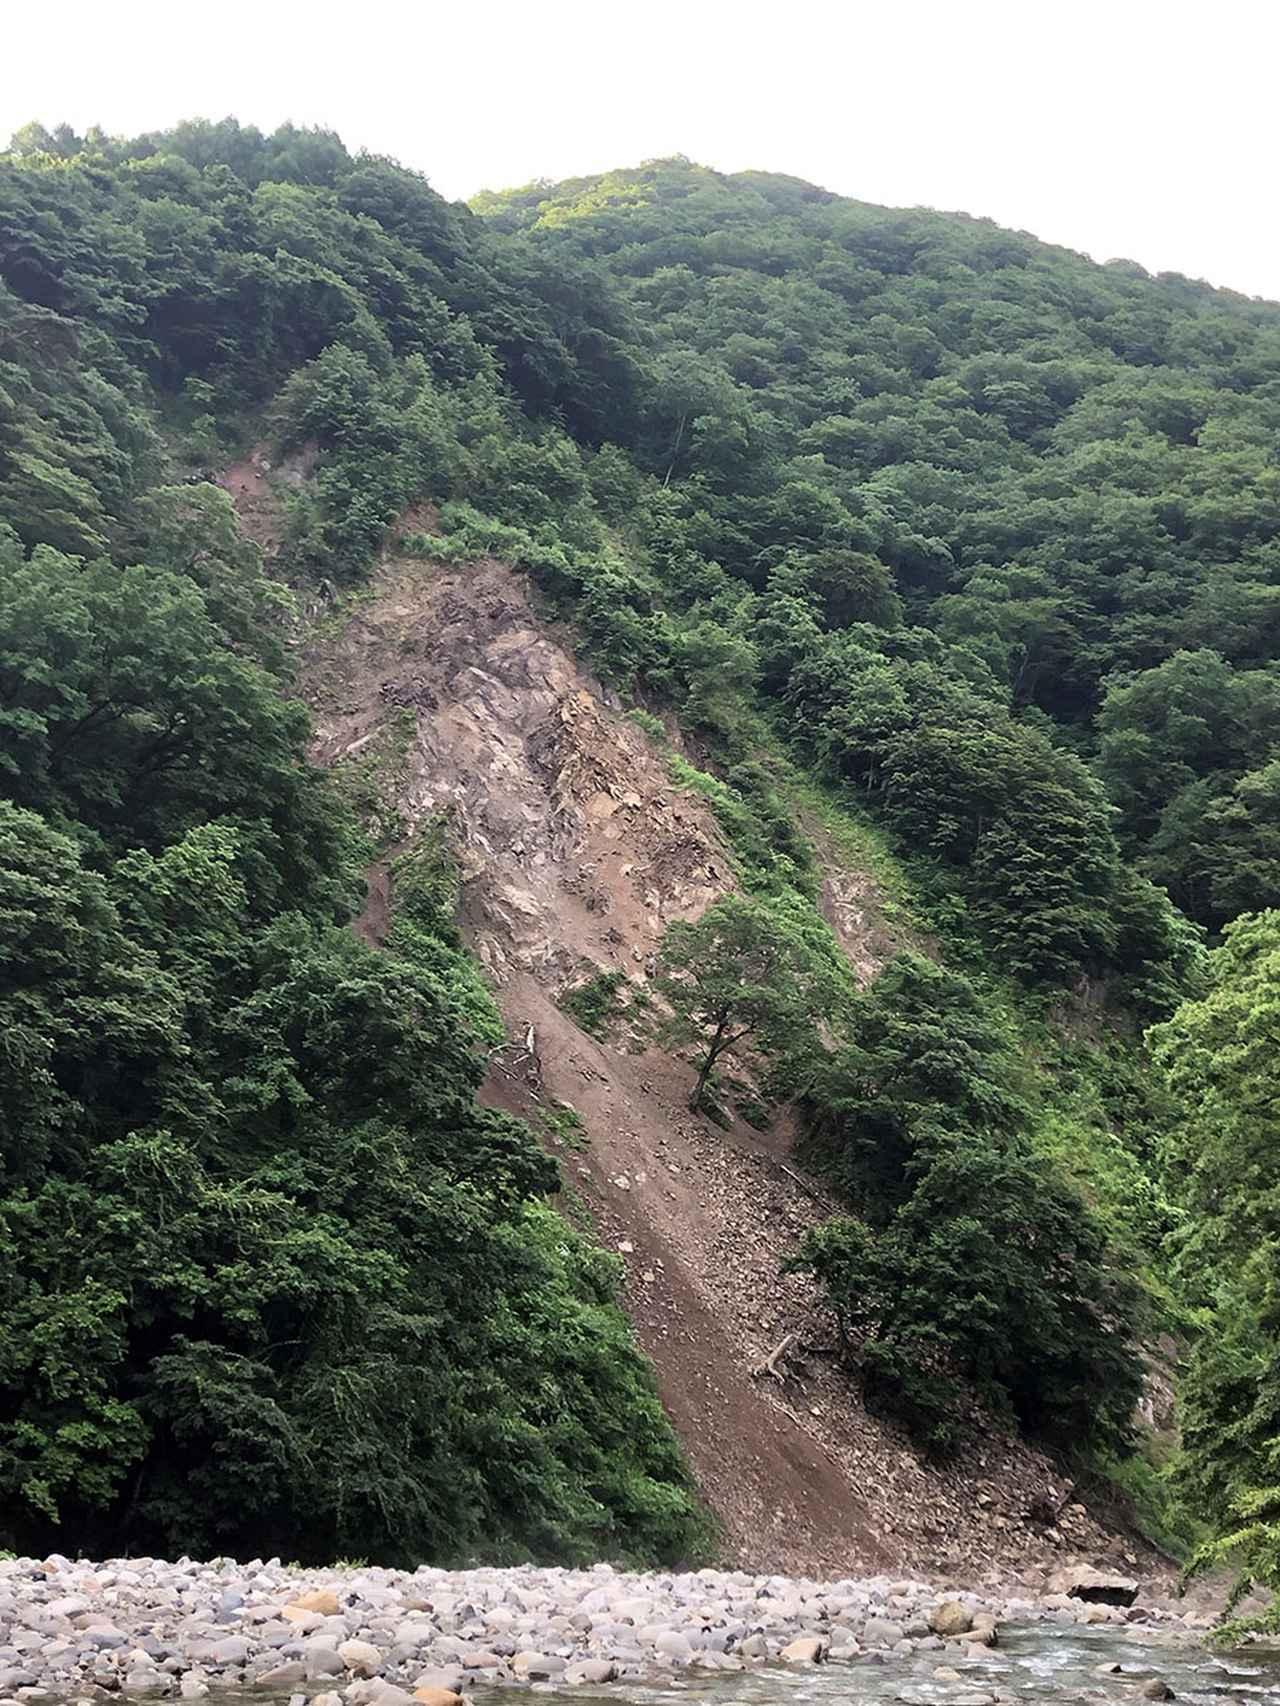 画像: 2日目の夜、メリメリメリという音とともに、対岸の山が土砂崩れ。状況は真っ黒でわからず。翌朝に確認したら、写真のように崩れていた。キャンプ場から遠いので危険はなかったが、少しドキドキ。